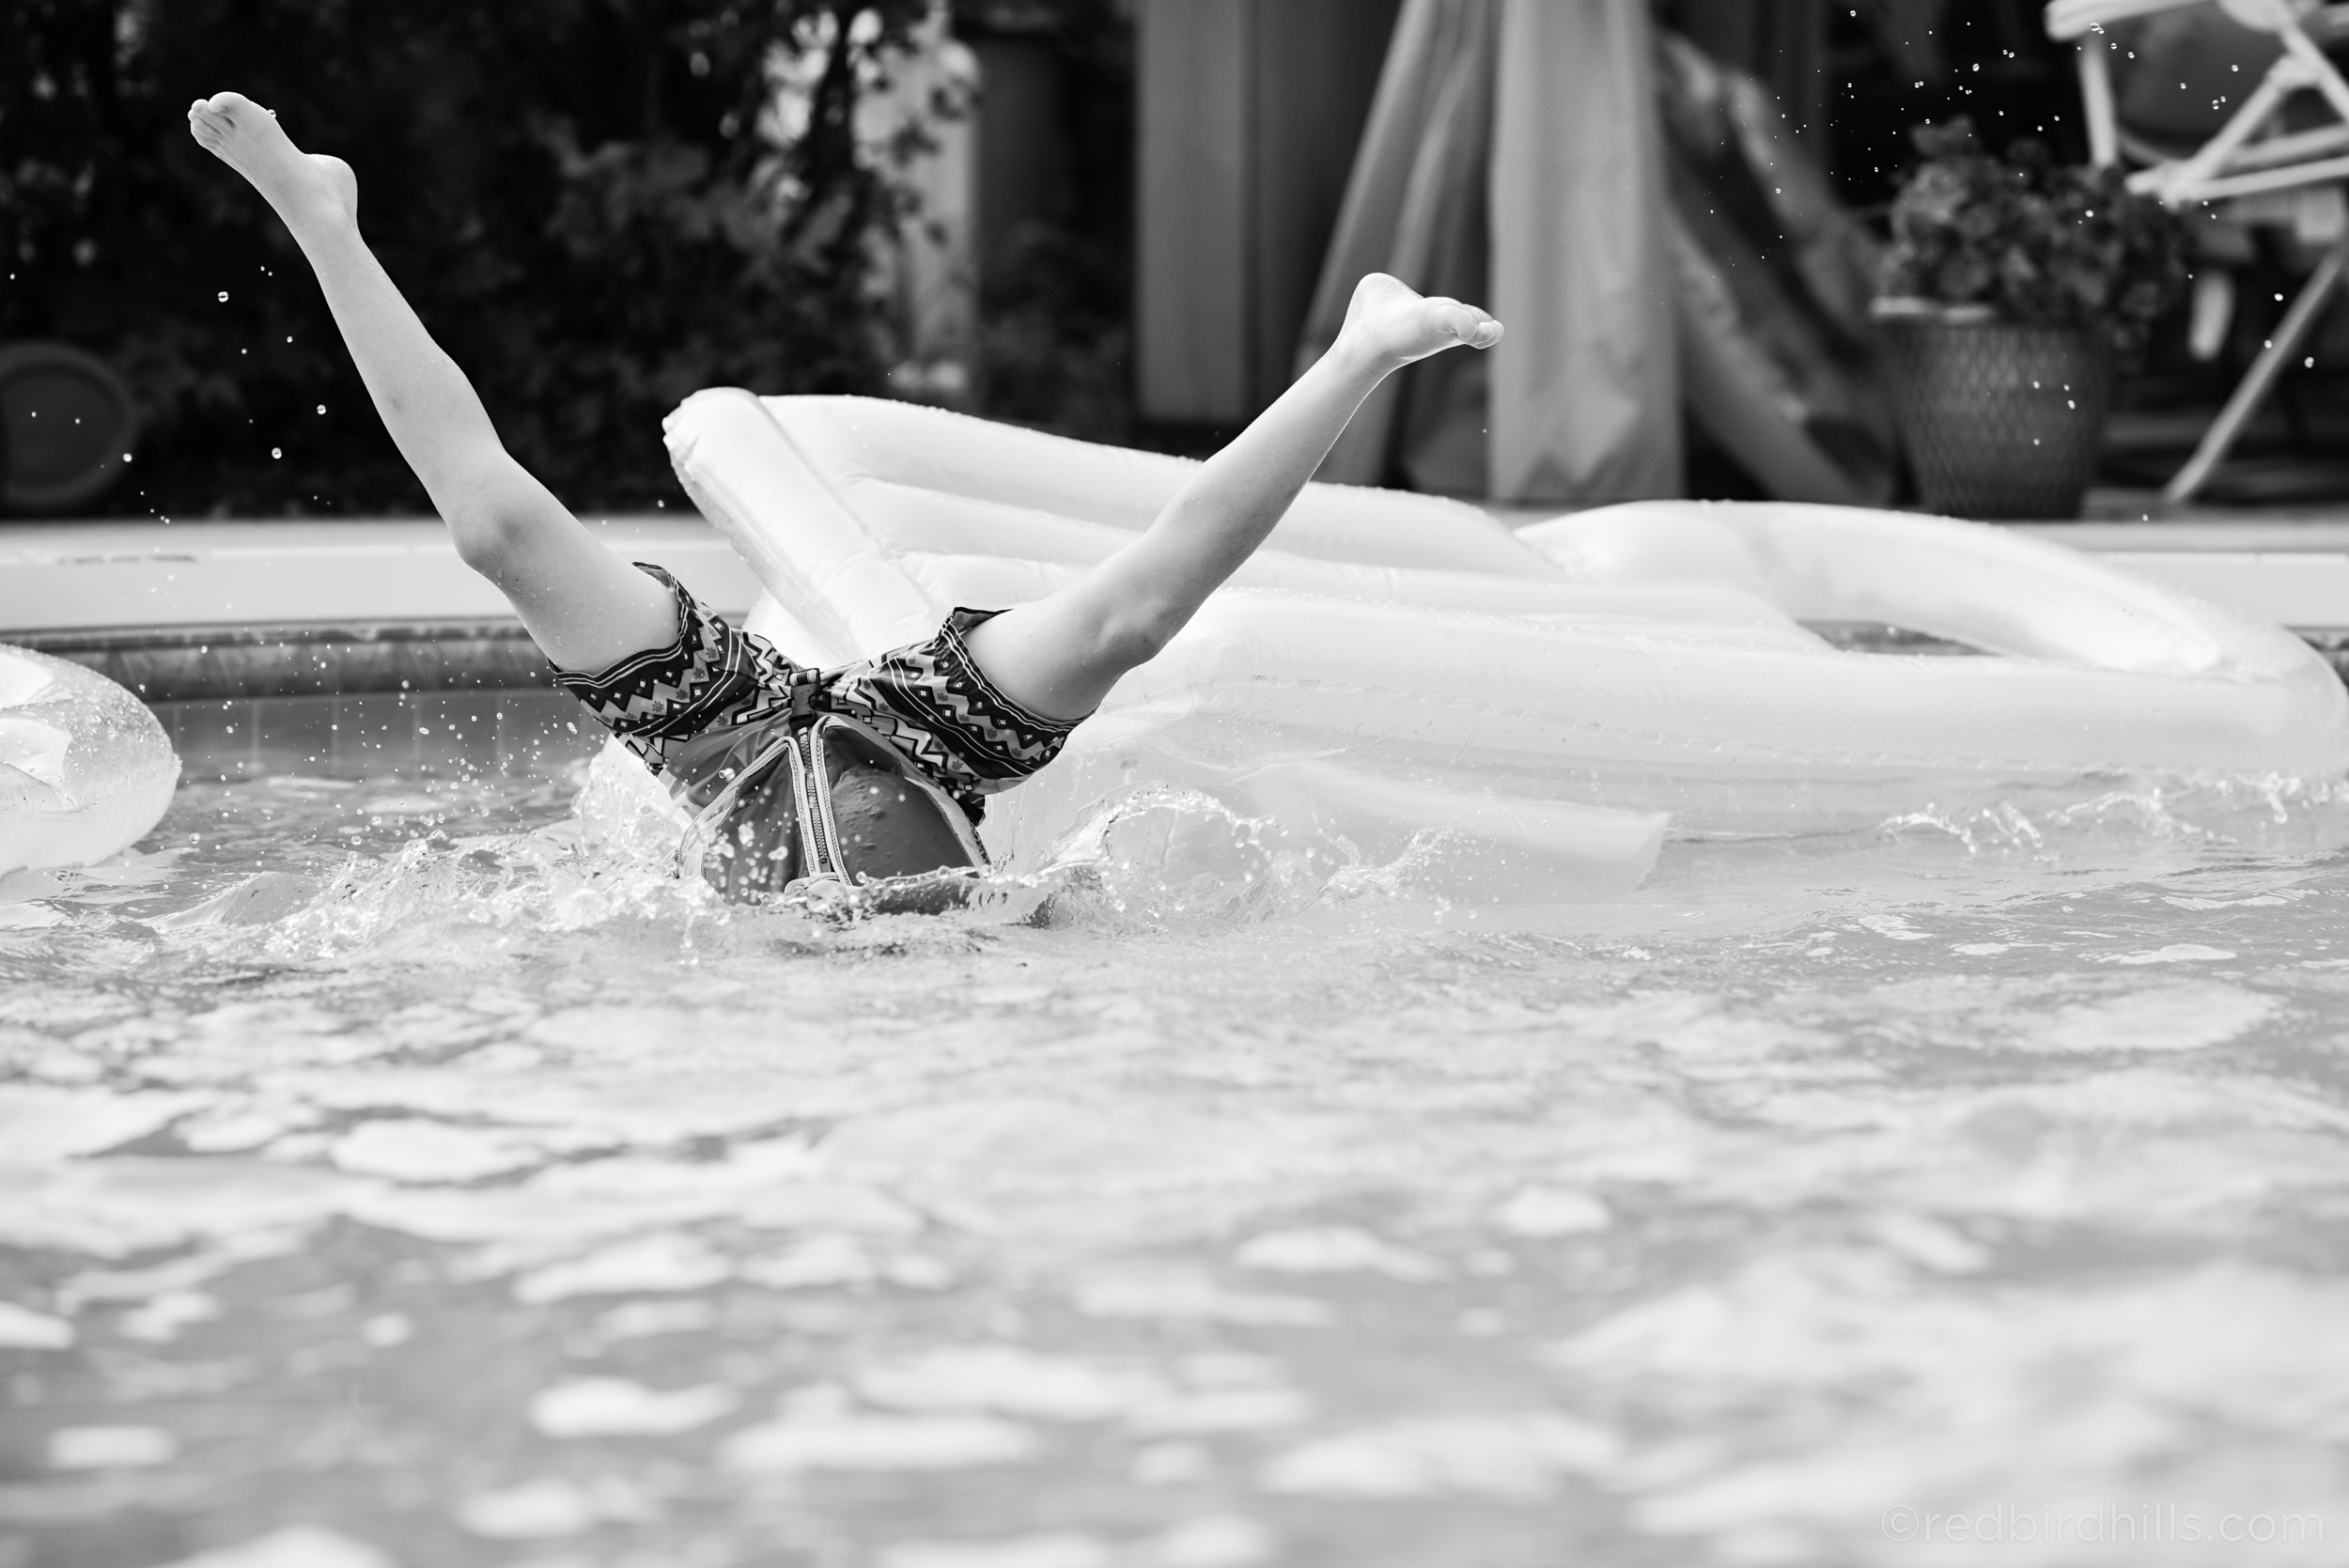 c170831_sjobrien_swimming_0062.jpg